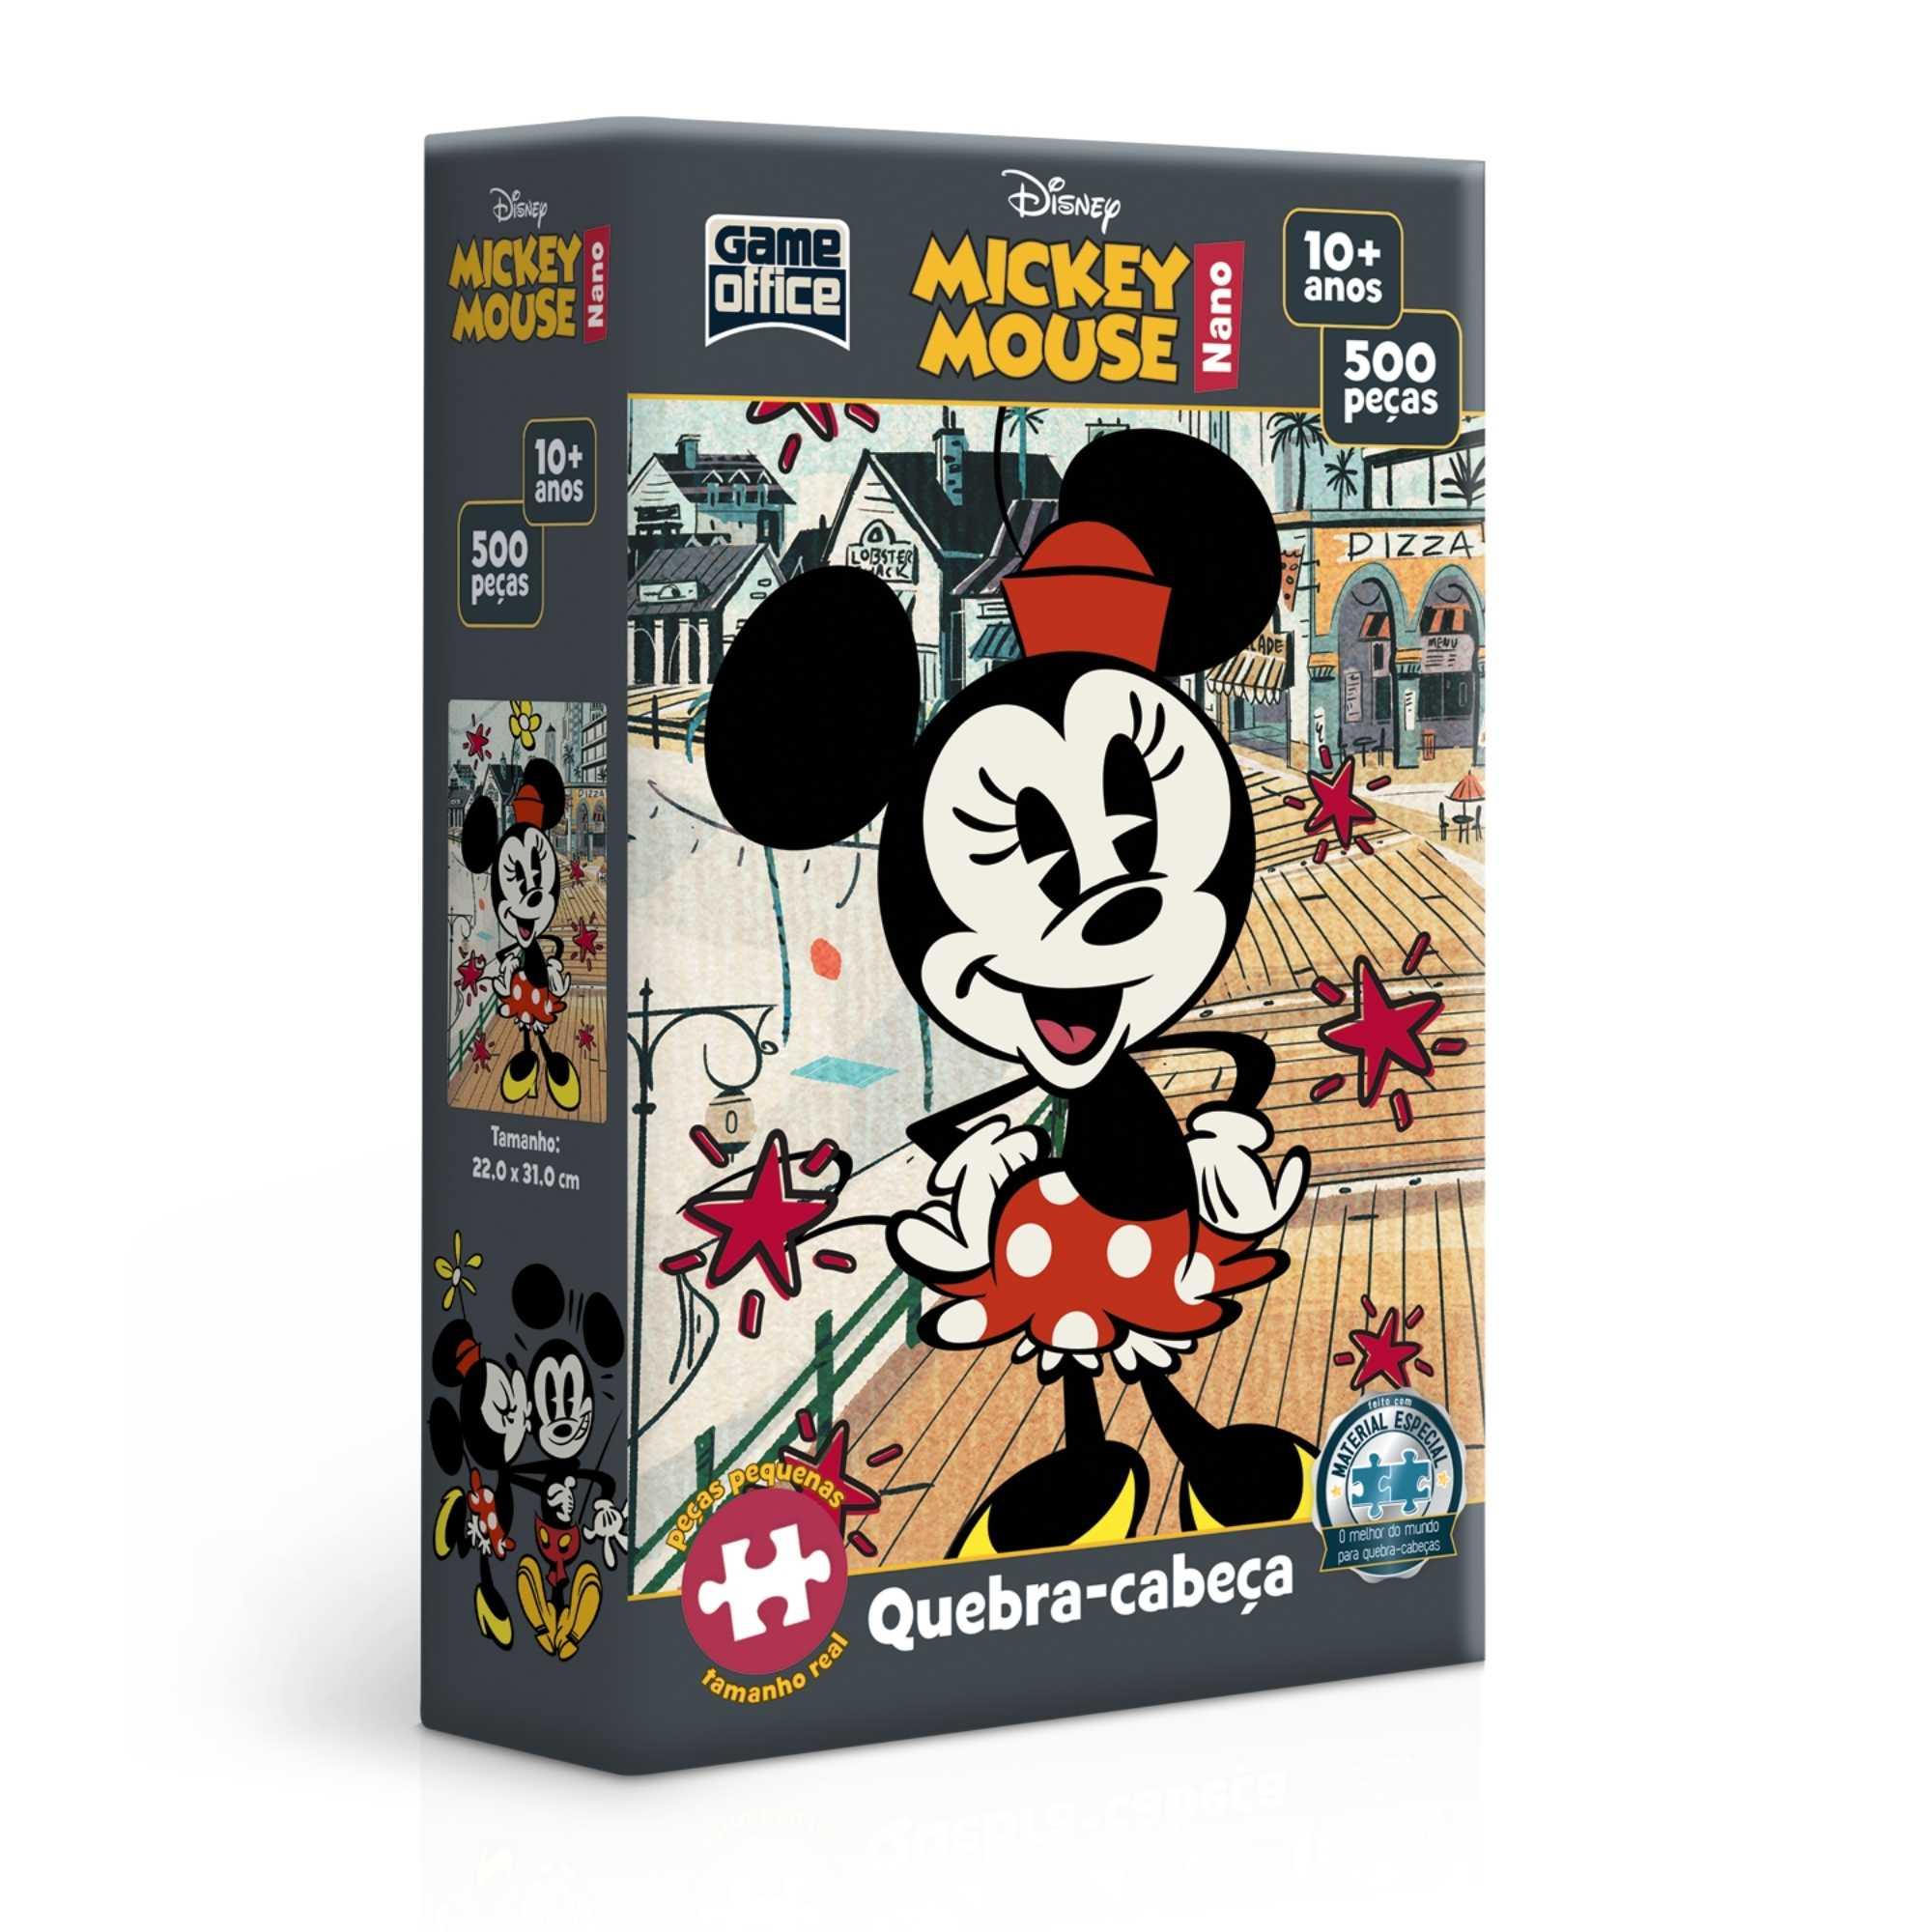 Quebra-Cabeça Minnie Mouse 500 peças nano - Game Office